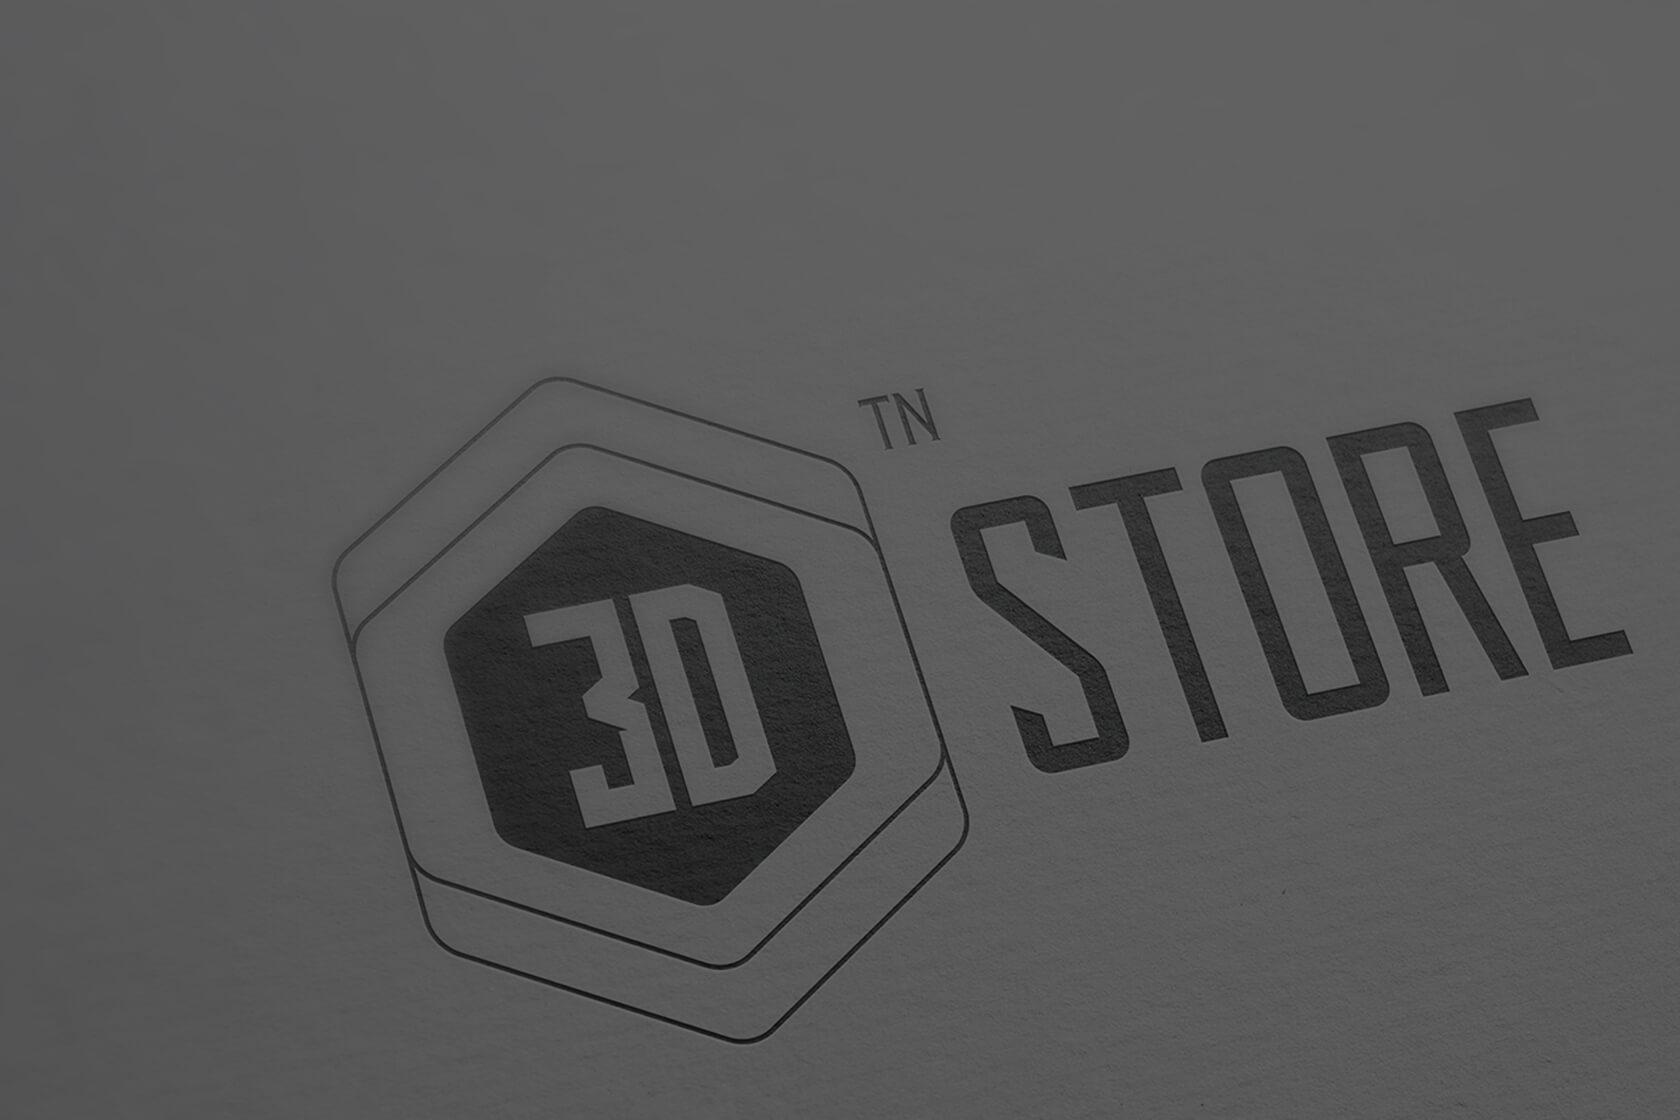 3DStore.tn